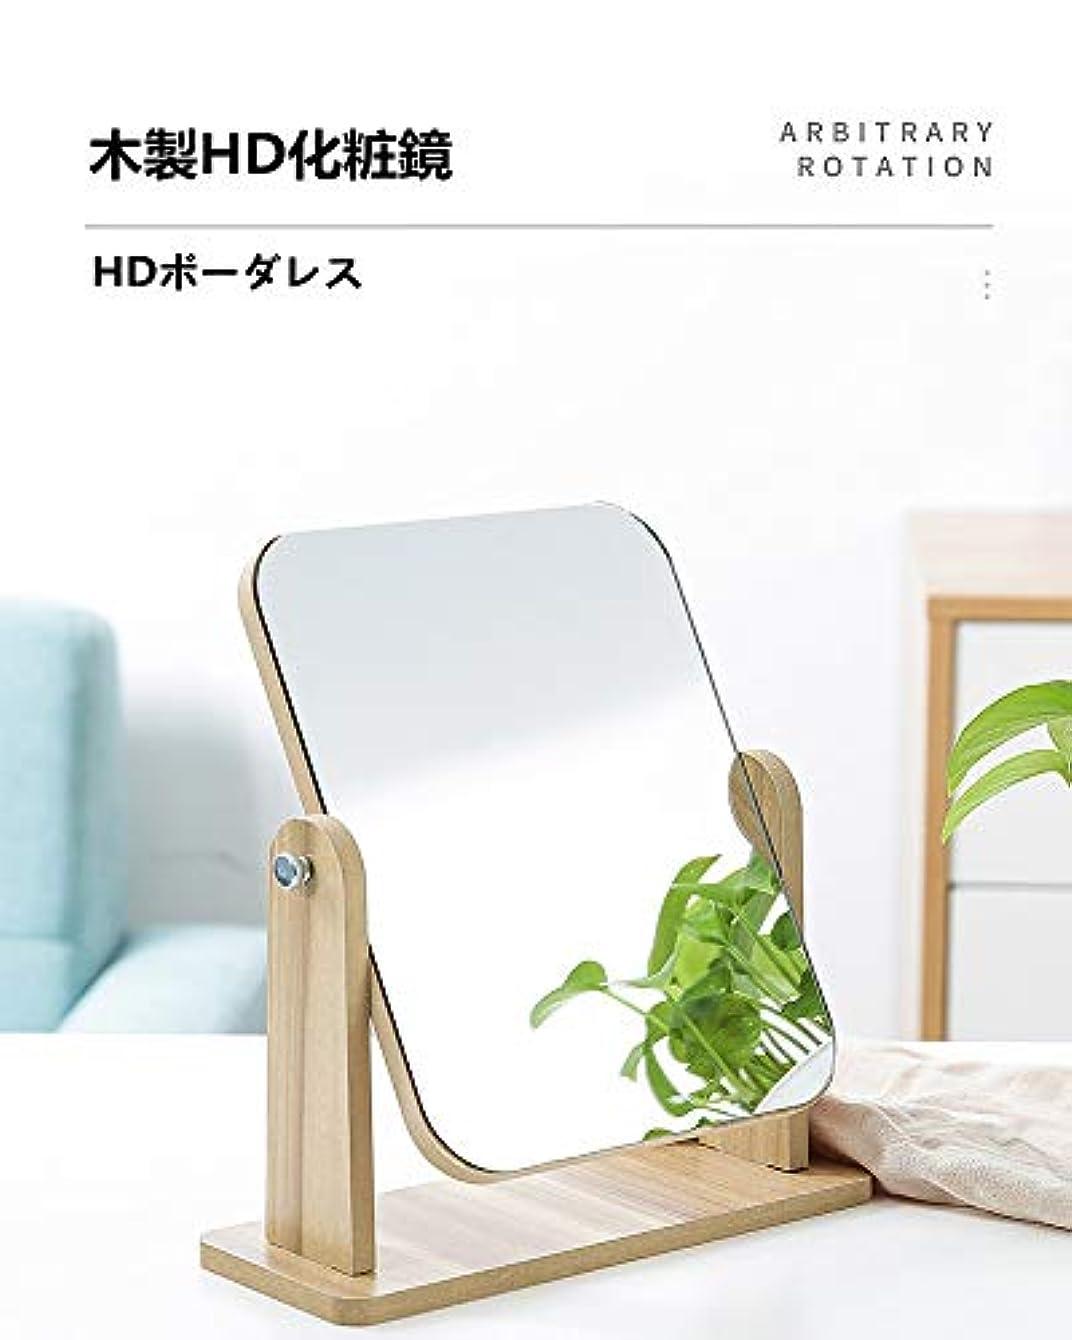 連続した伝える平衡卓上 ミラー HDウッド化粧ミラー メイクミラー 360度回転 スタンドミラー 化粧鏡 木